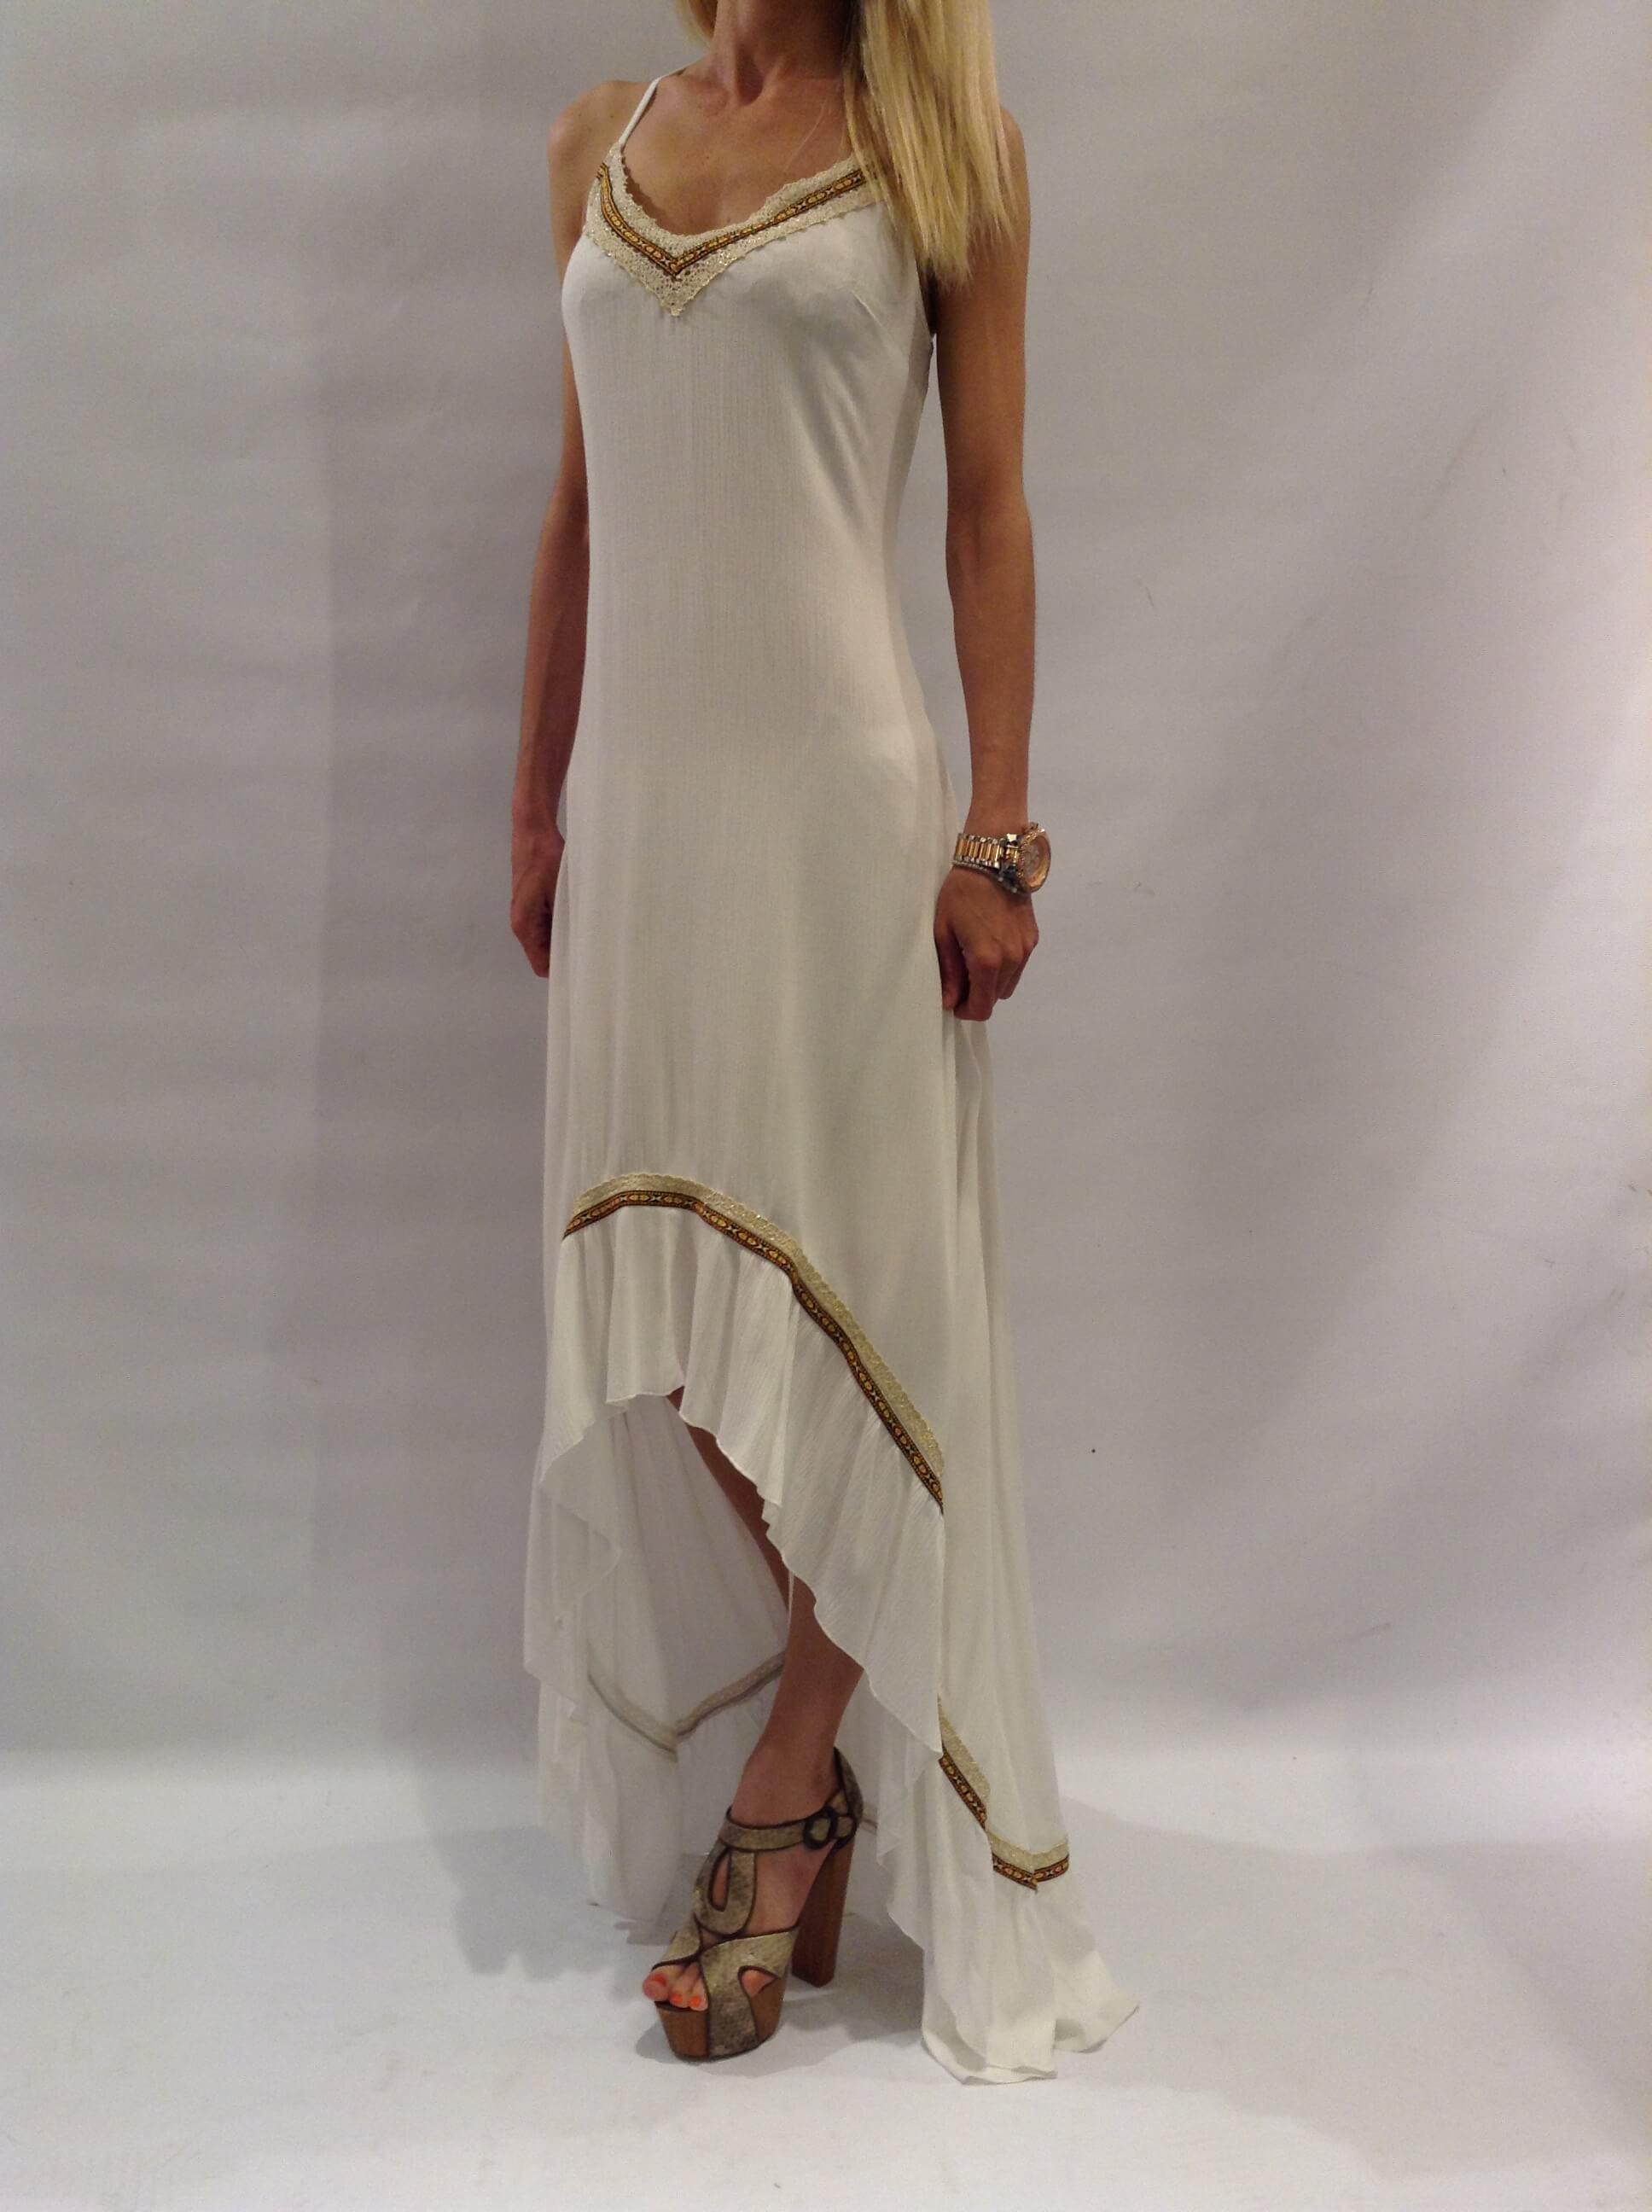 Women's asymmetrical strappy dress